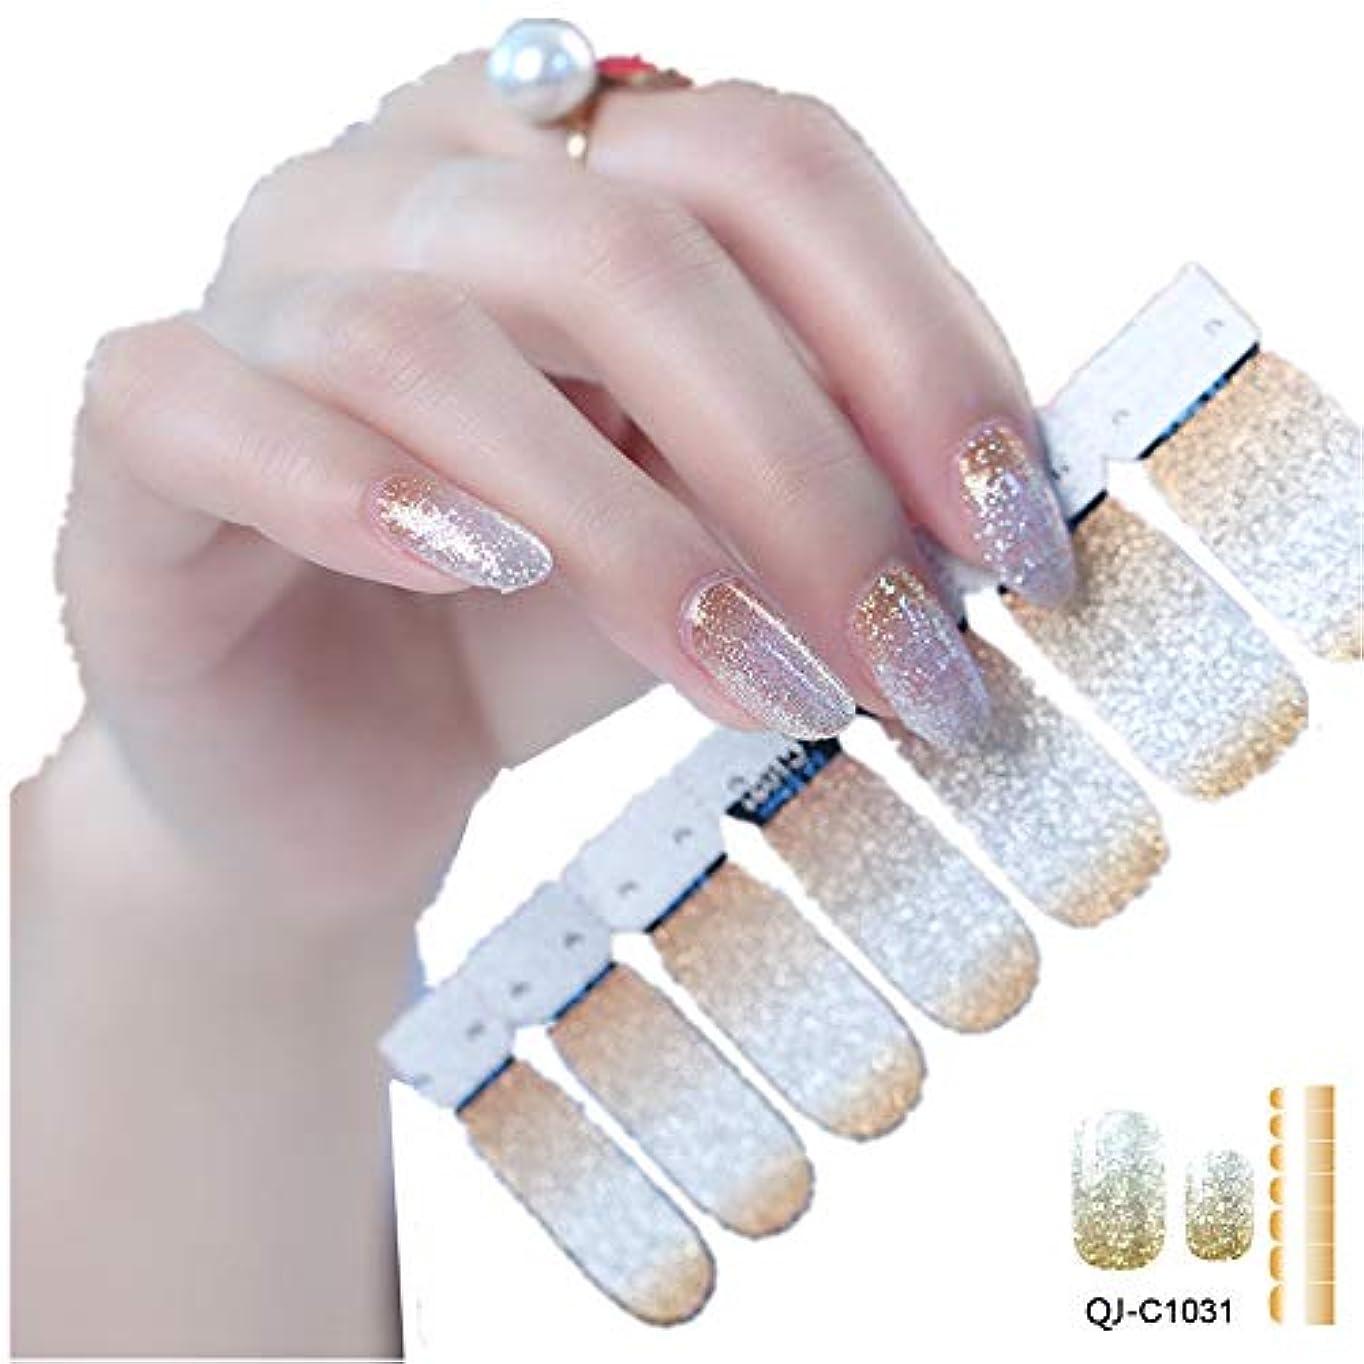 降雨宮殿紳士1枚×14シール ネイルシール ネイルステッカー セット 貼るだけマニキュア 爪やすり1本付き (1031)